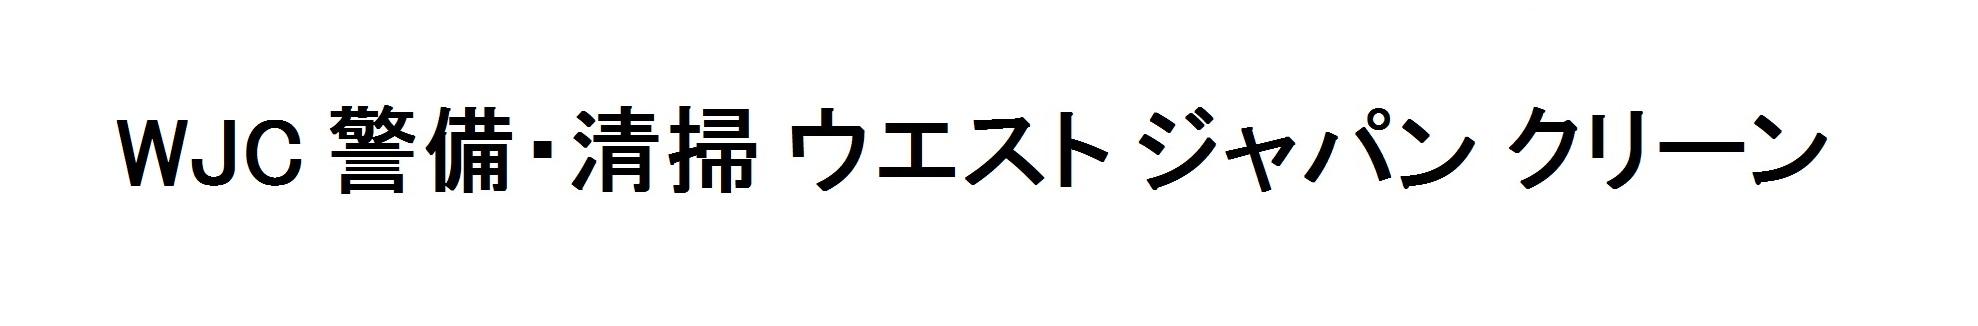 奈良・大阪・三重・京都エリアの警備・清掃とウイルスの除菌殺菌サービス会社ウエストジャパンクリーン株式会社のホームページ。